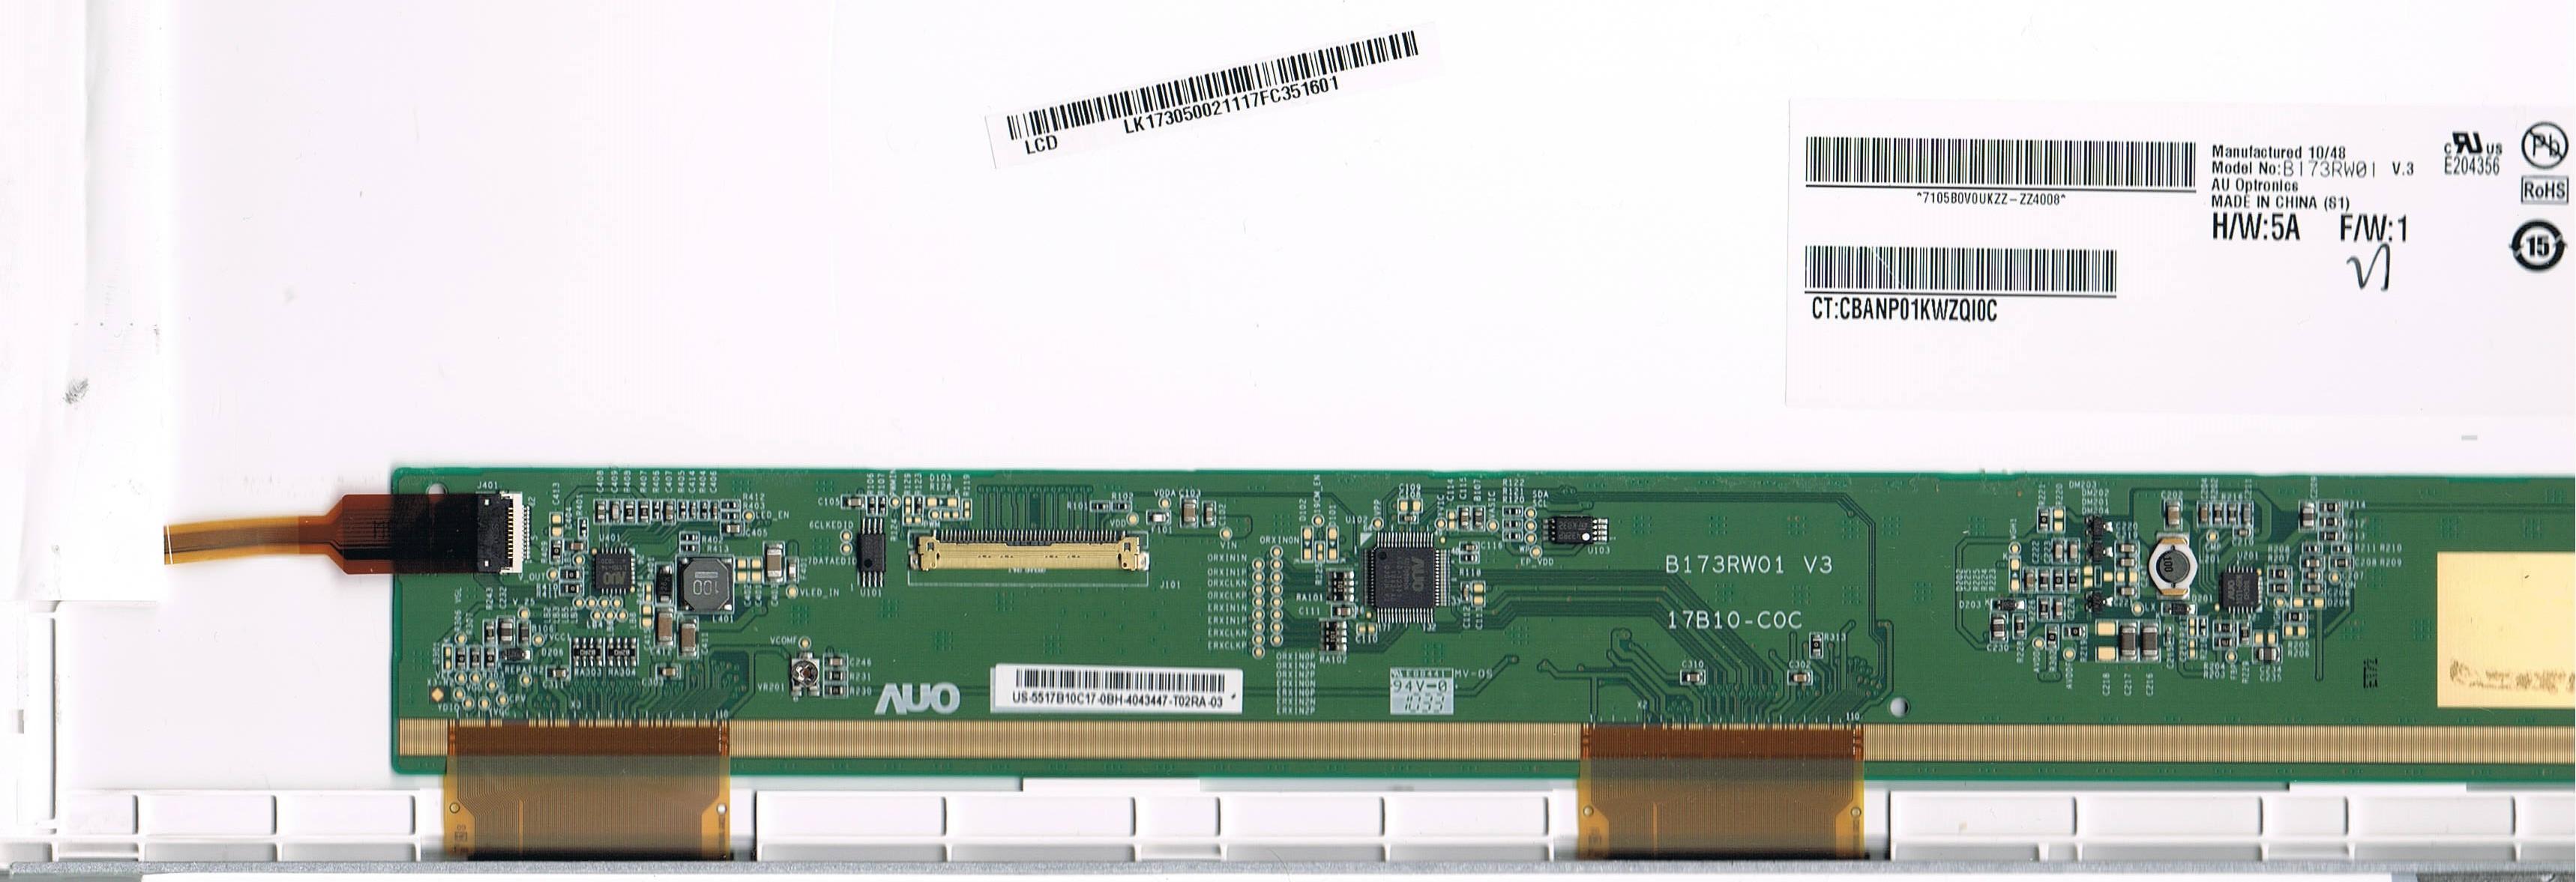 Acer 7750G - Brak pod�wietlenia w matrycy B173RW01 z inn� matryc� �wieci